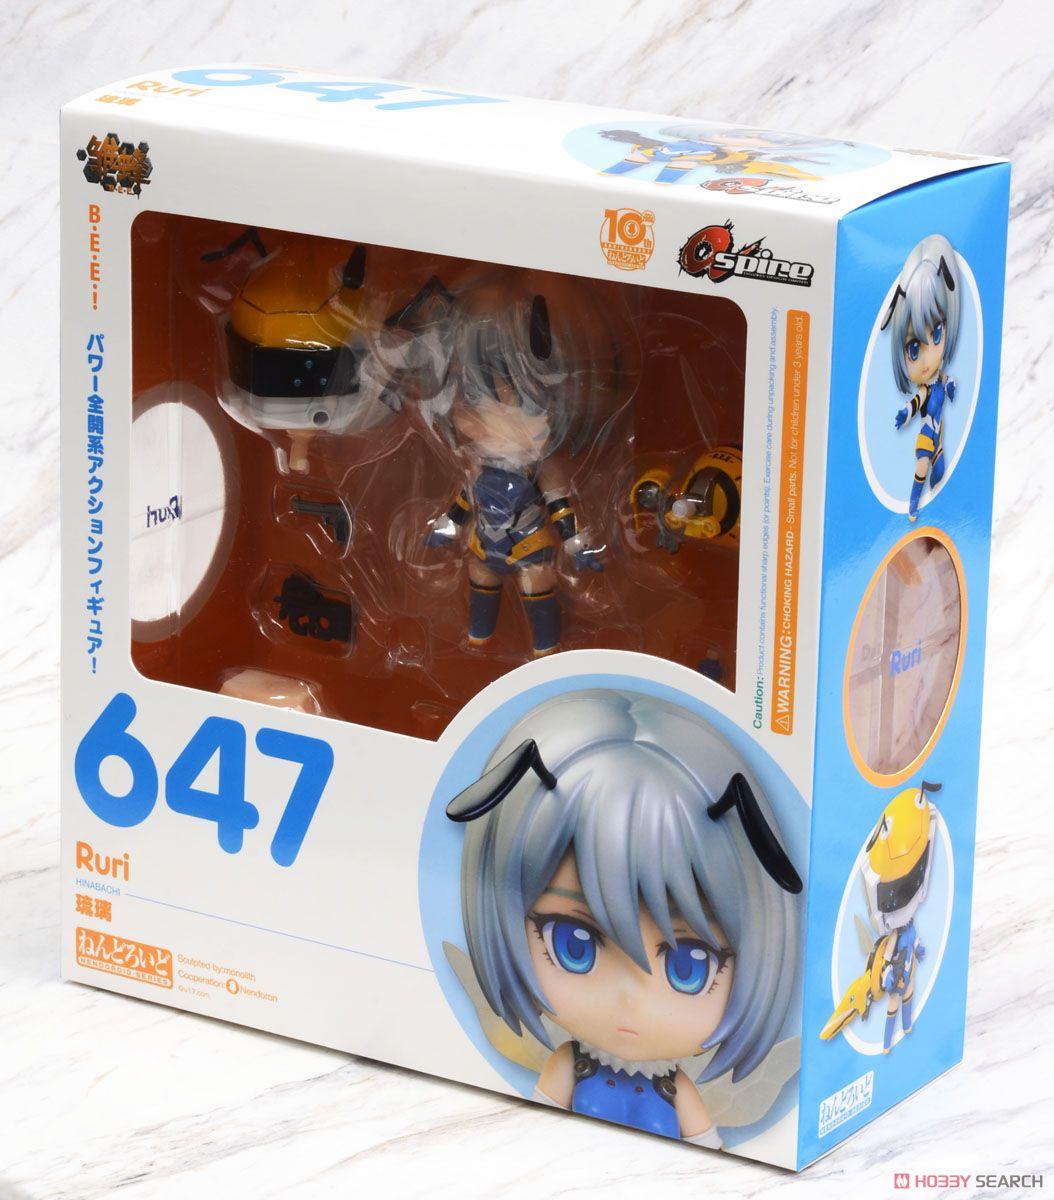 98003 Nendoroid 647 ruri